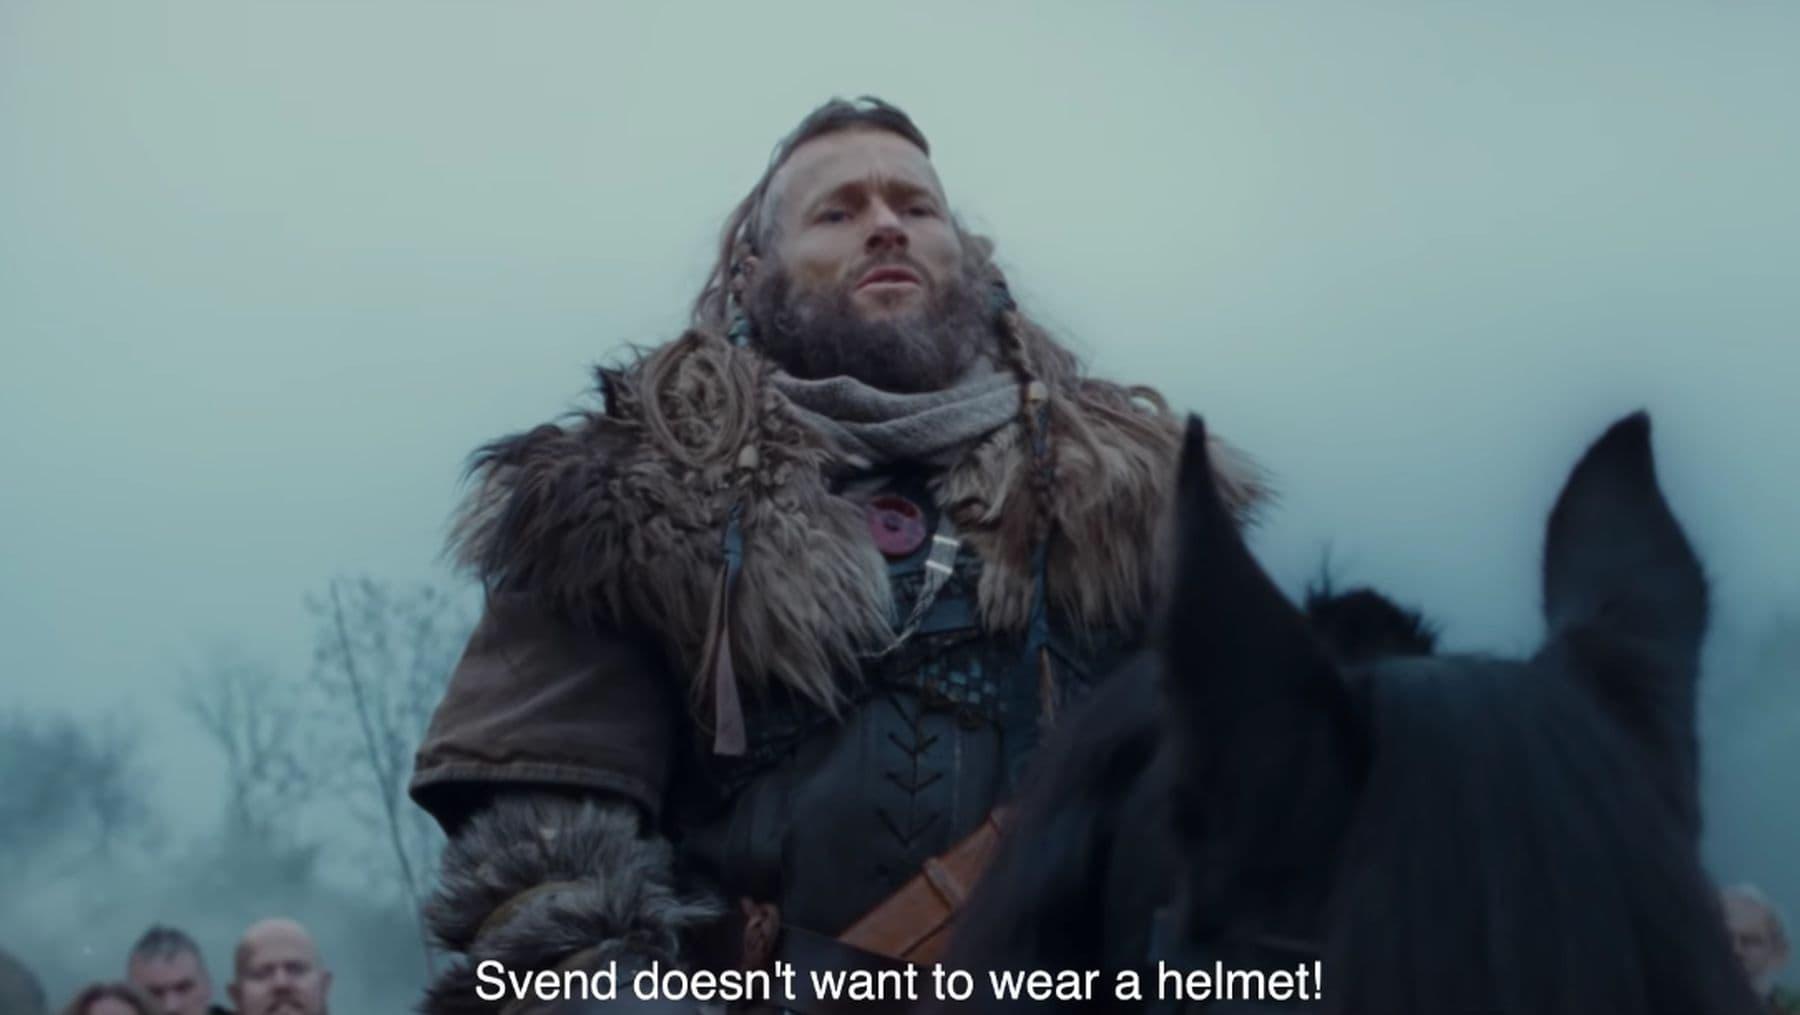 Dänische Werbung: Helm tragen ist eine gute Idee! | Werbung | Was is hier eigentlich los?